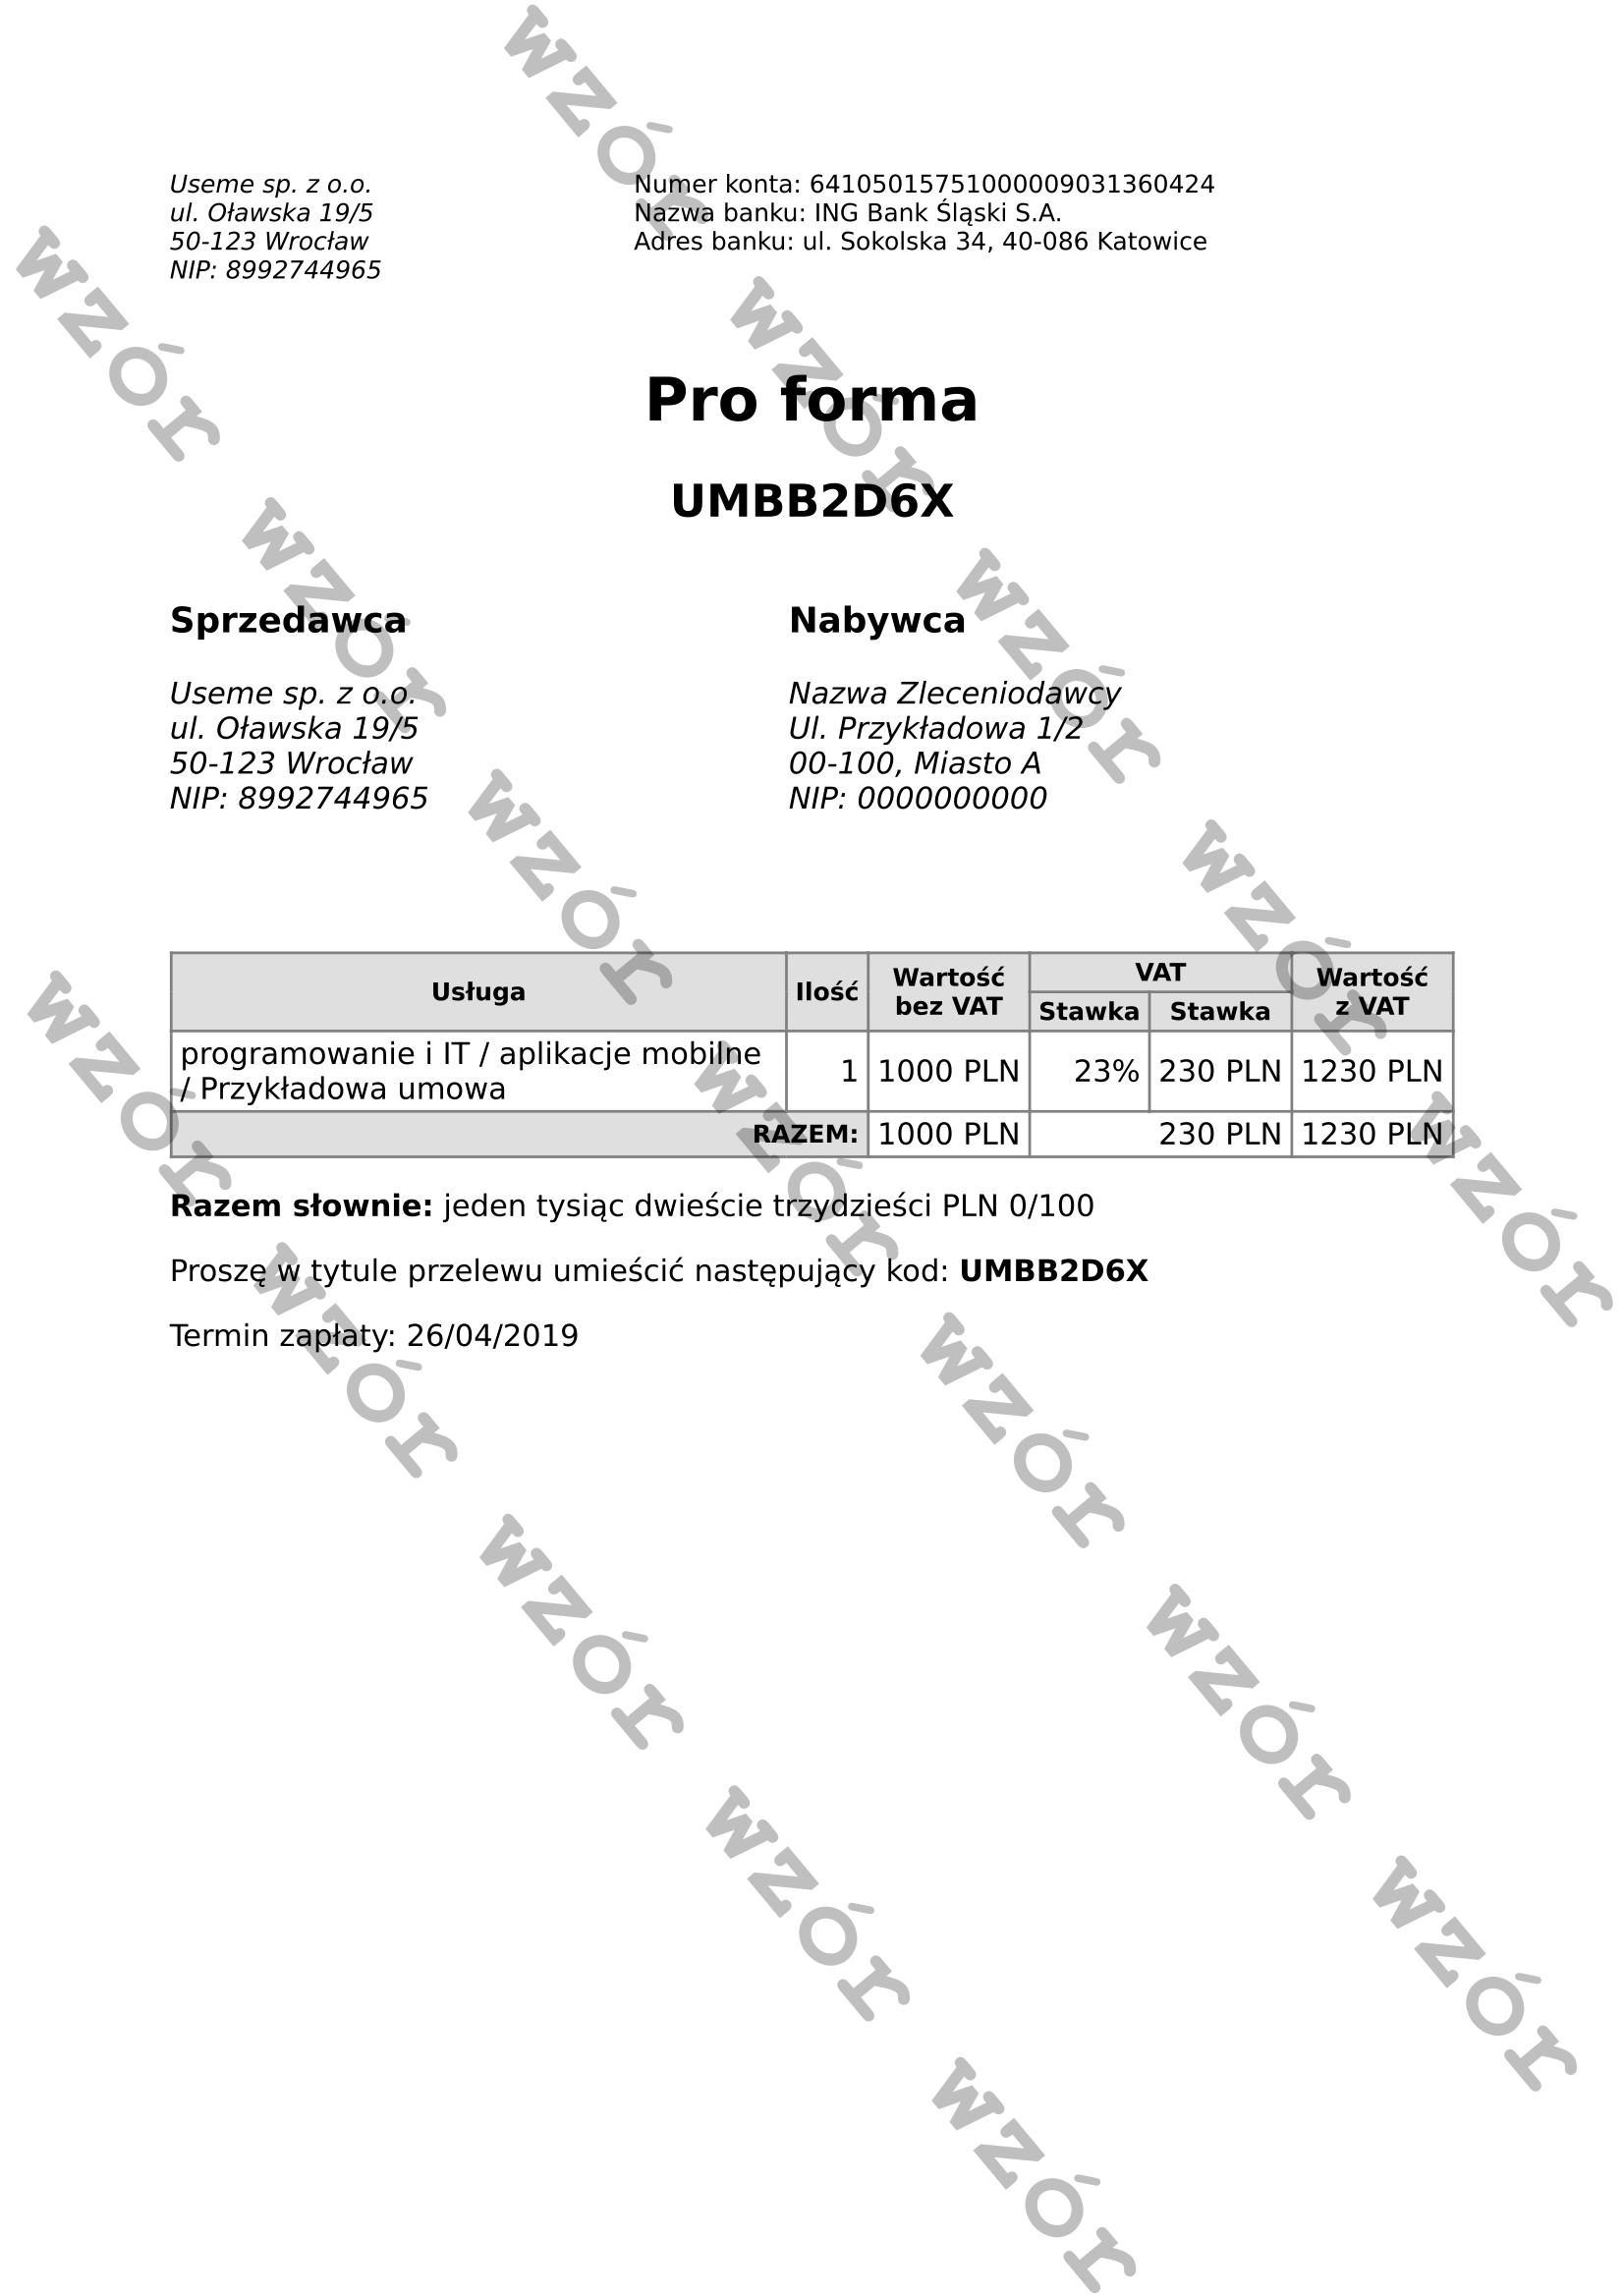 Jak Wyglądają Umowy Zawierane Przez Useme Blog Useme Usemeeu